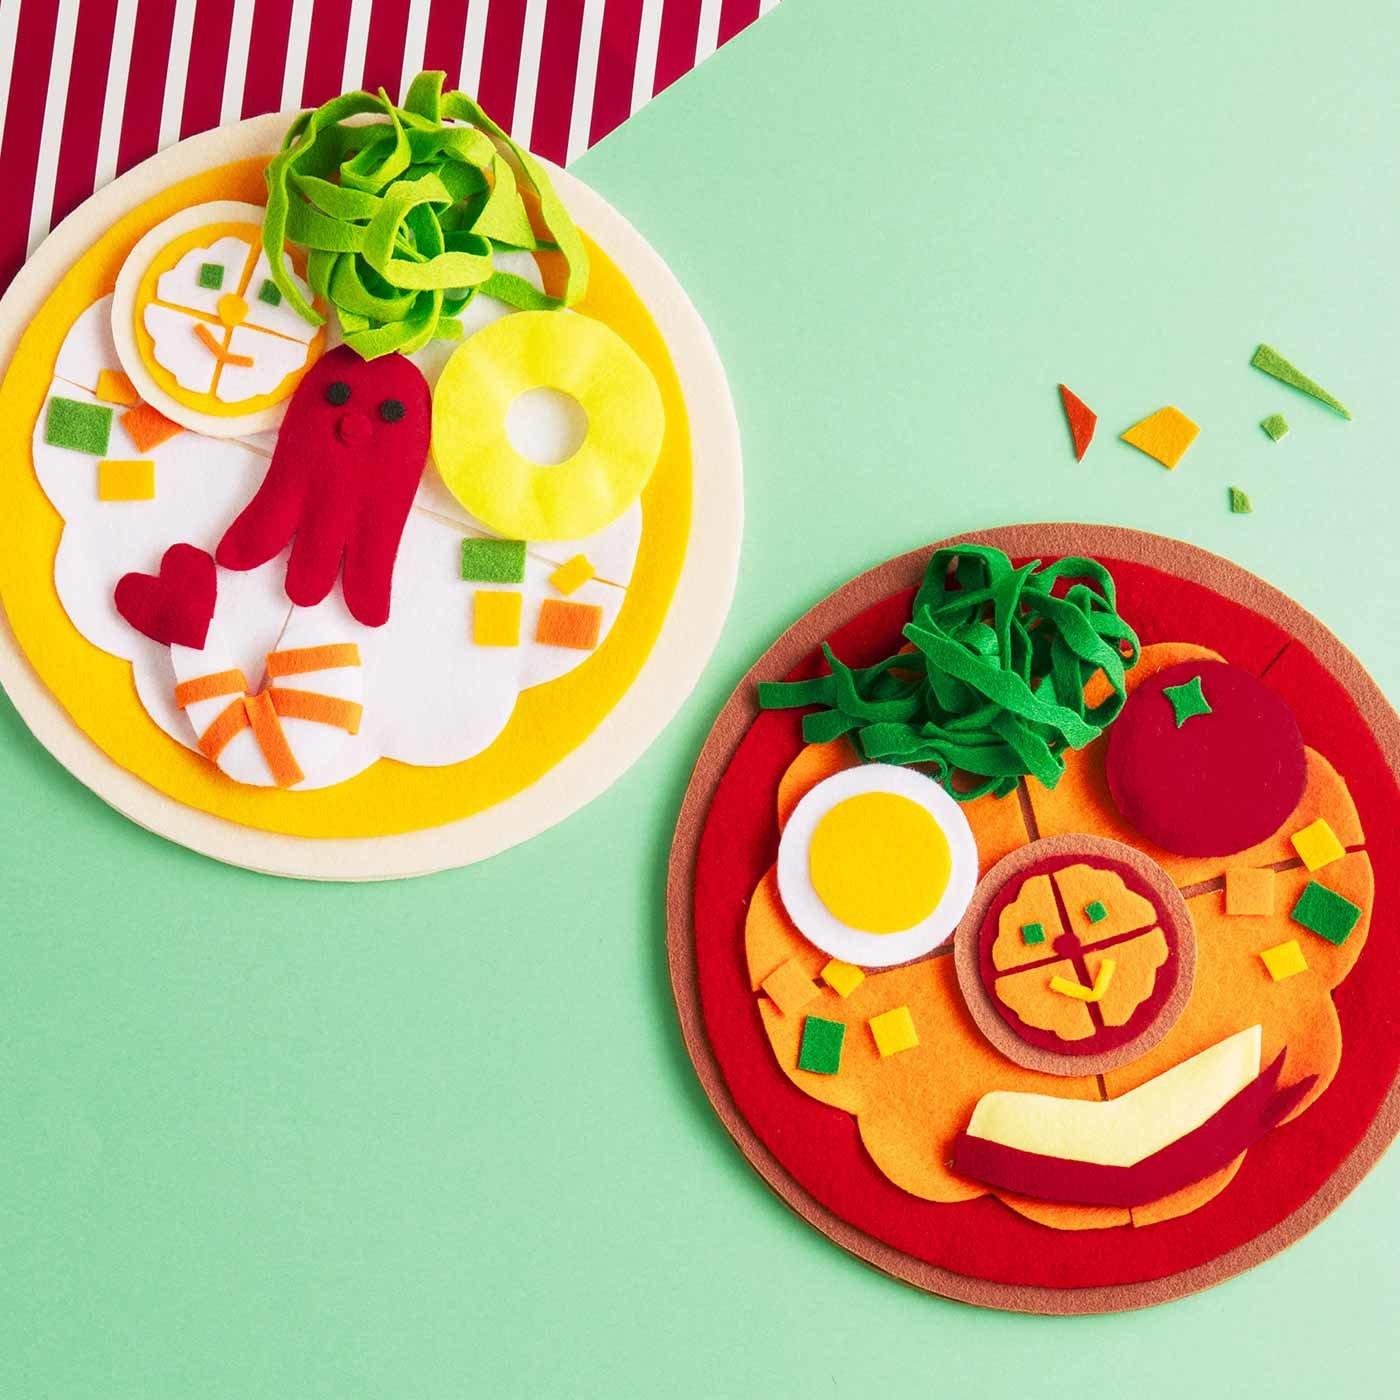 ピッツェリア・フクワライーノ ウミノサチーナとヤマノサチーノ フェルトピザの福笑いキット